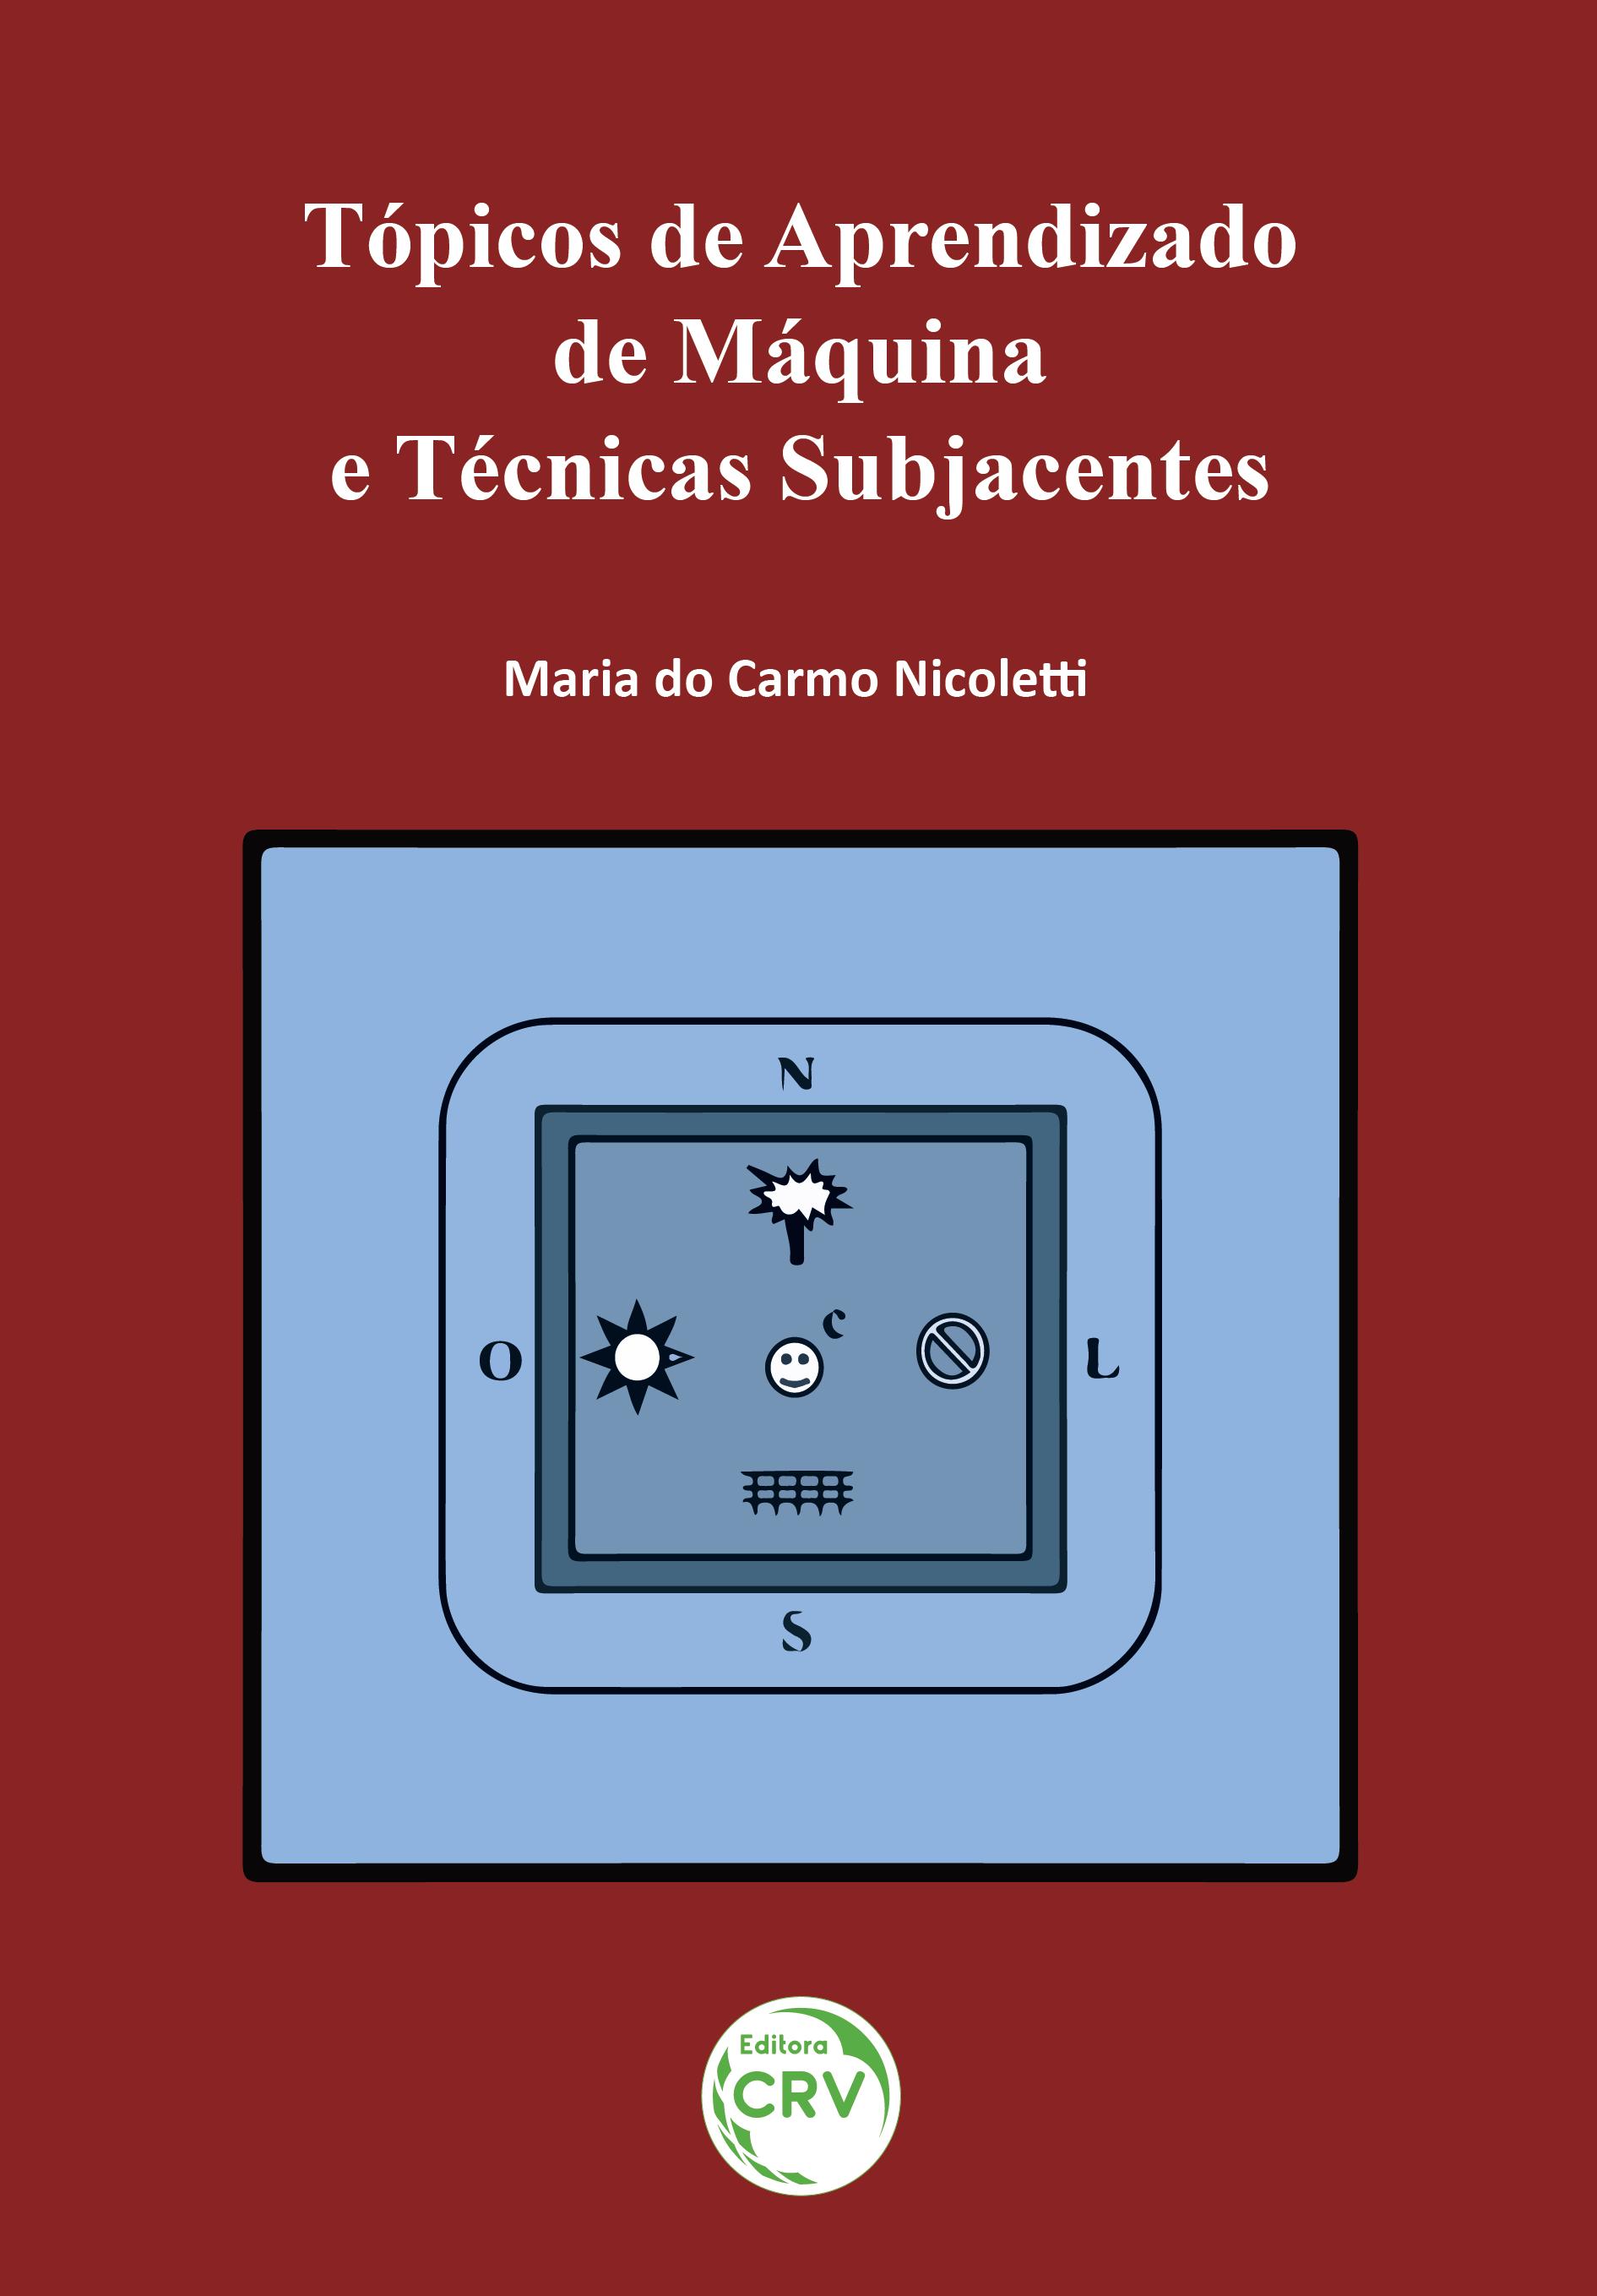 Capa do livro: TÓPICOS DE APRENDIZADO DE MÁQUINA E TÉCNICAS SUBJACENTES